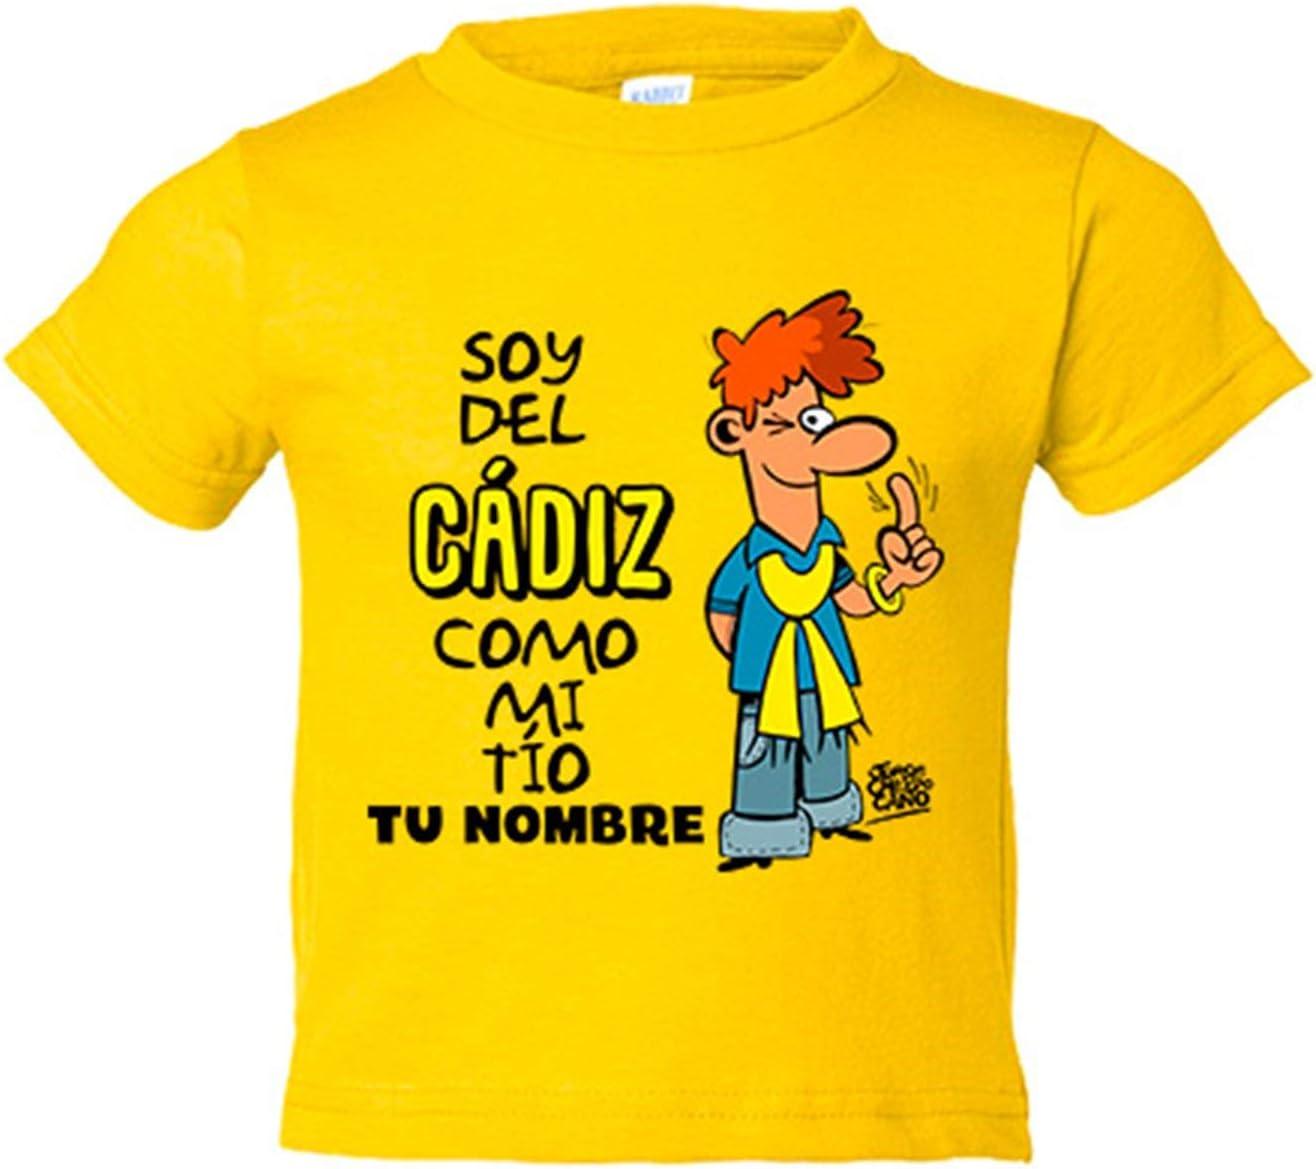 Camiseta niño soy del Cádiz como mi tio personalizable con nombre - Amarillo, 3-4 años: Amazon.es: Bebé